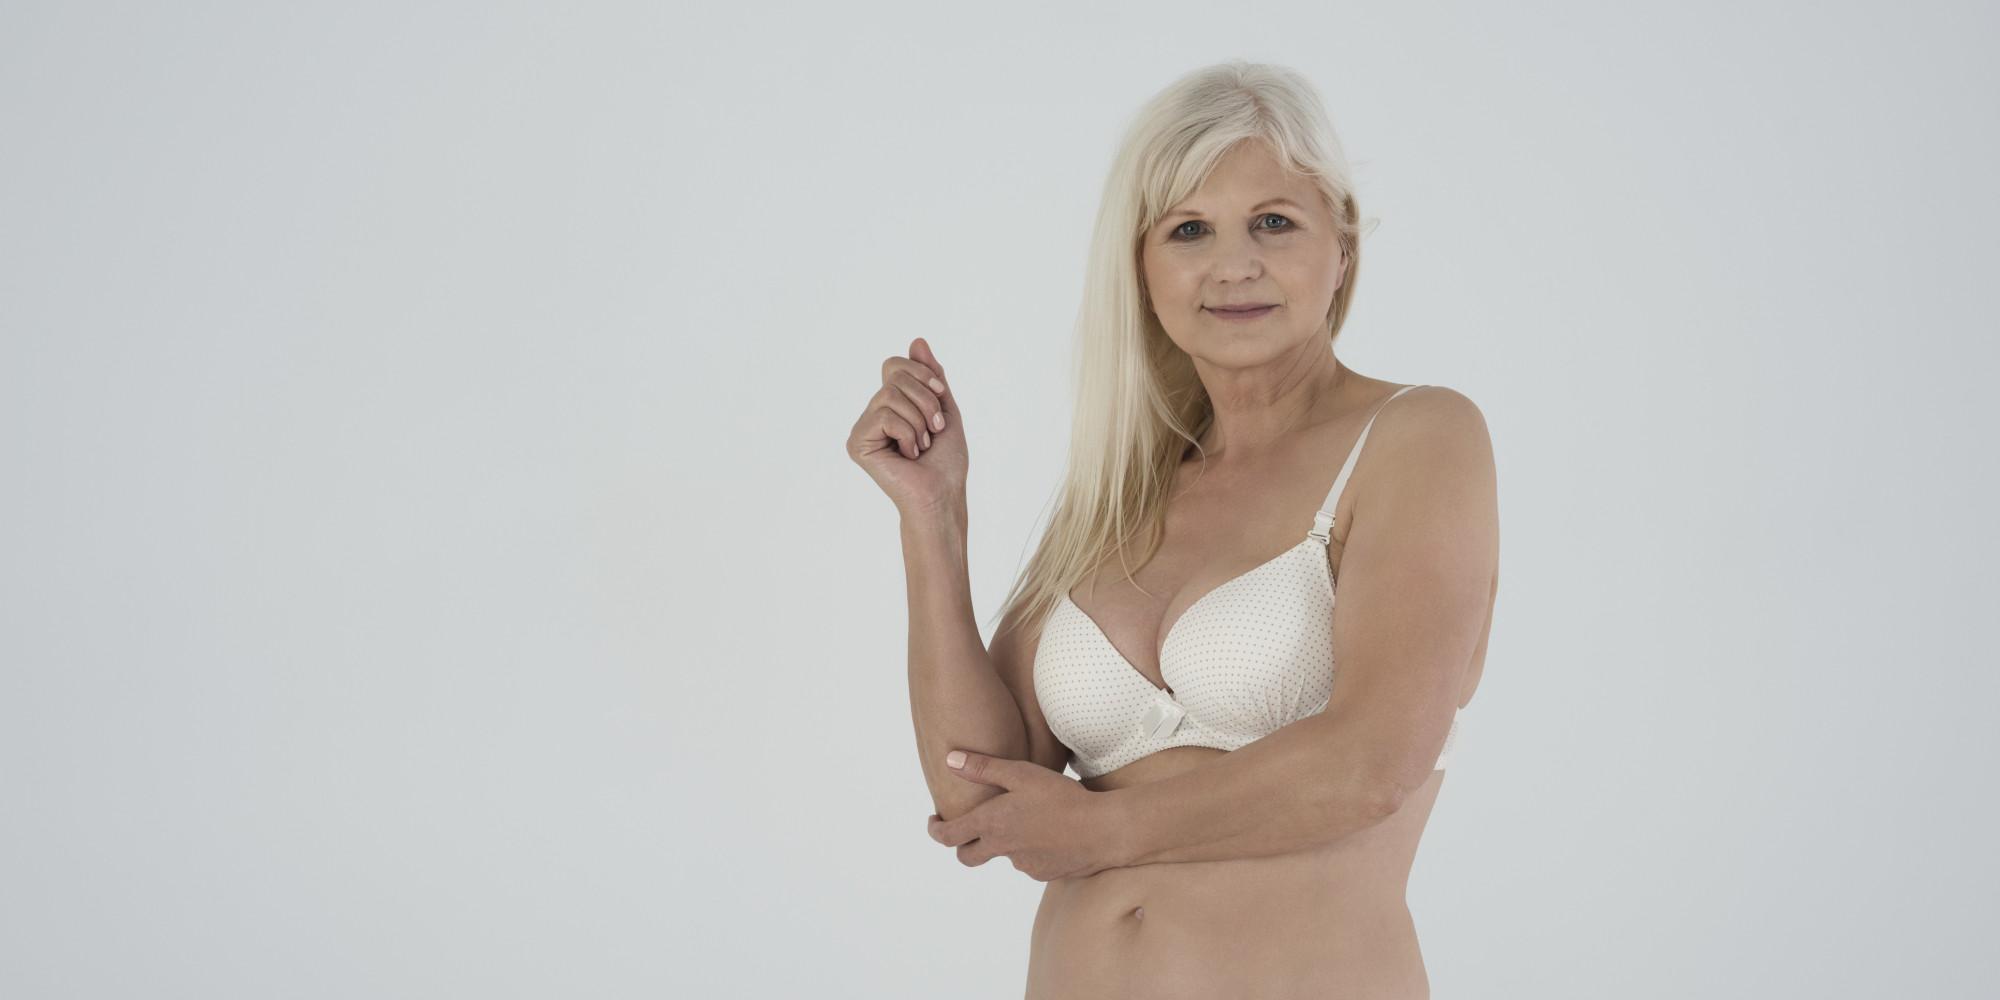 mature-woman-young-panties